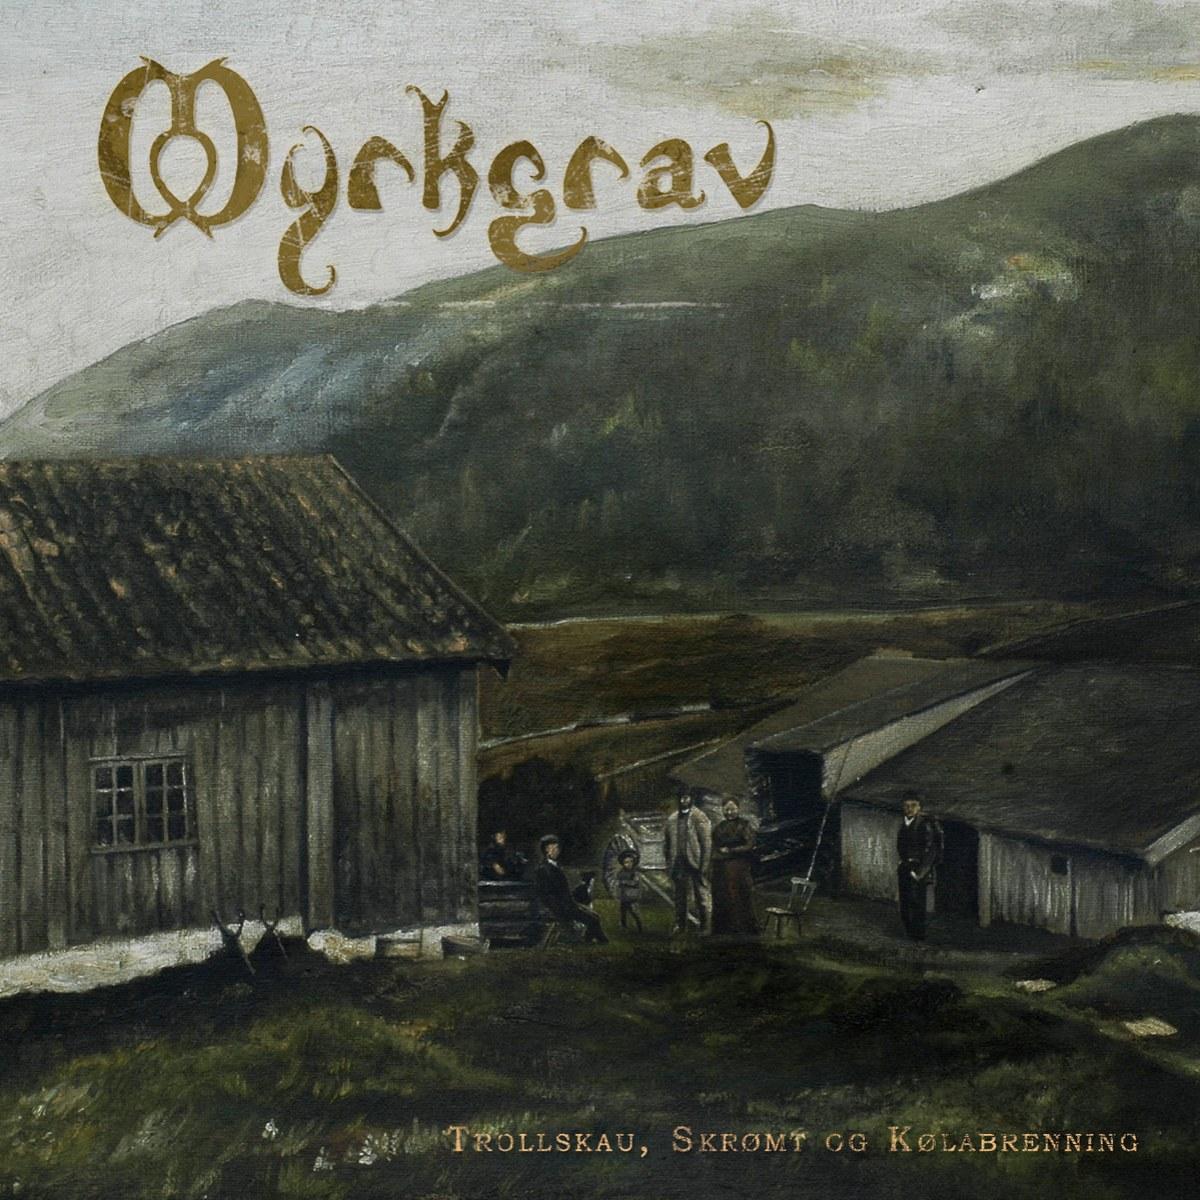 Review for Myrkgrav - Trollskau, Skrømt og Kølabrenning